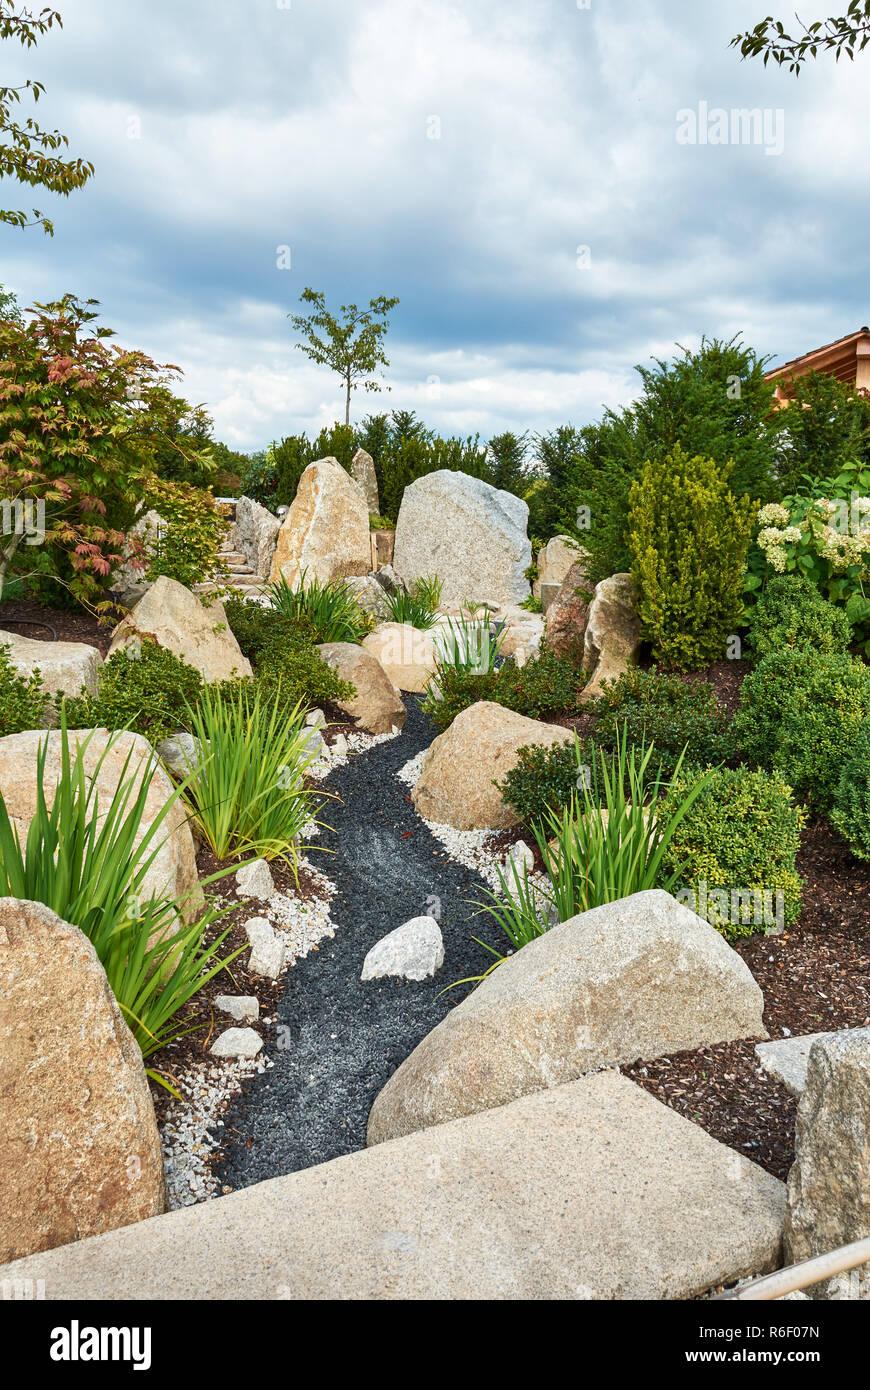 Ein Garten Mit Grossen Steinen Und Pflanzen Von Koniferen Am Hang